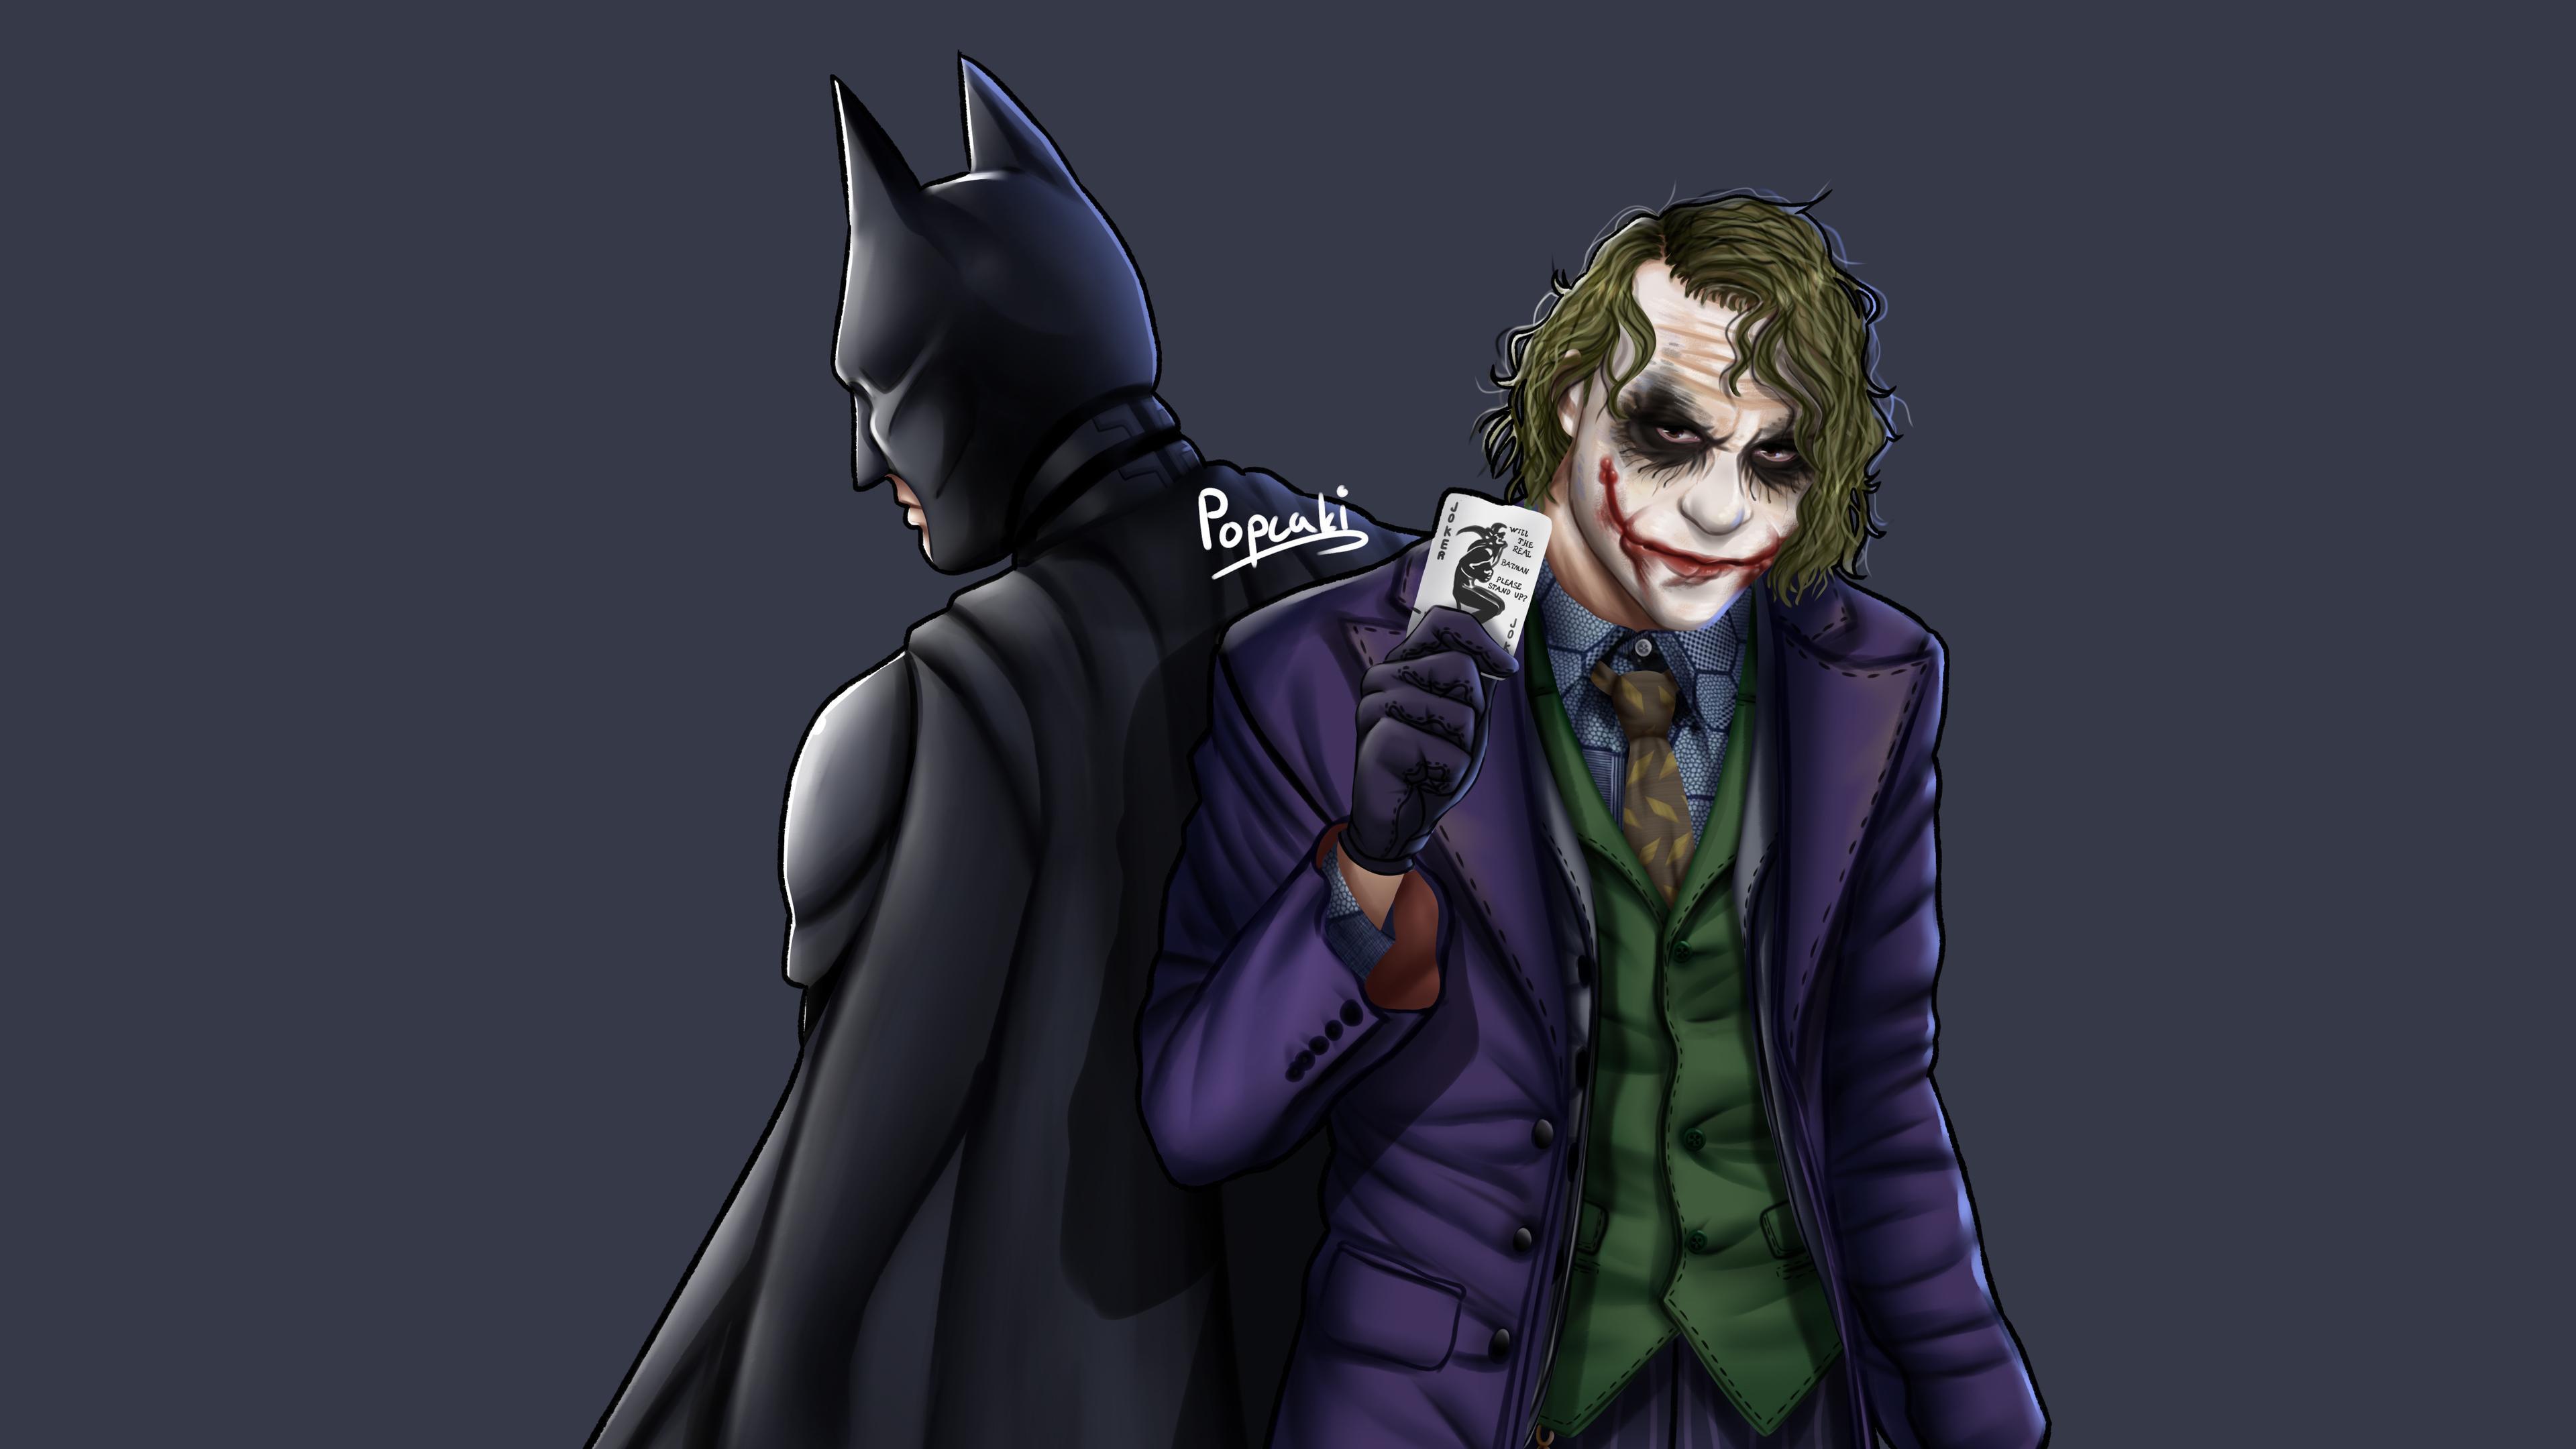 Joker 2019 4K Wallpapers - Wallpaper Cave